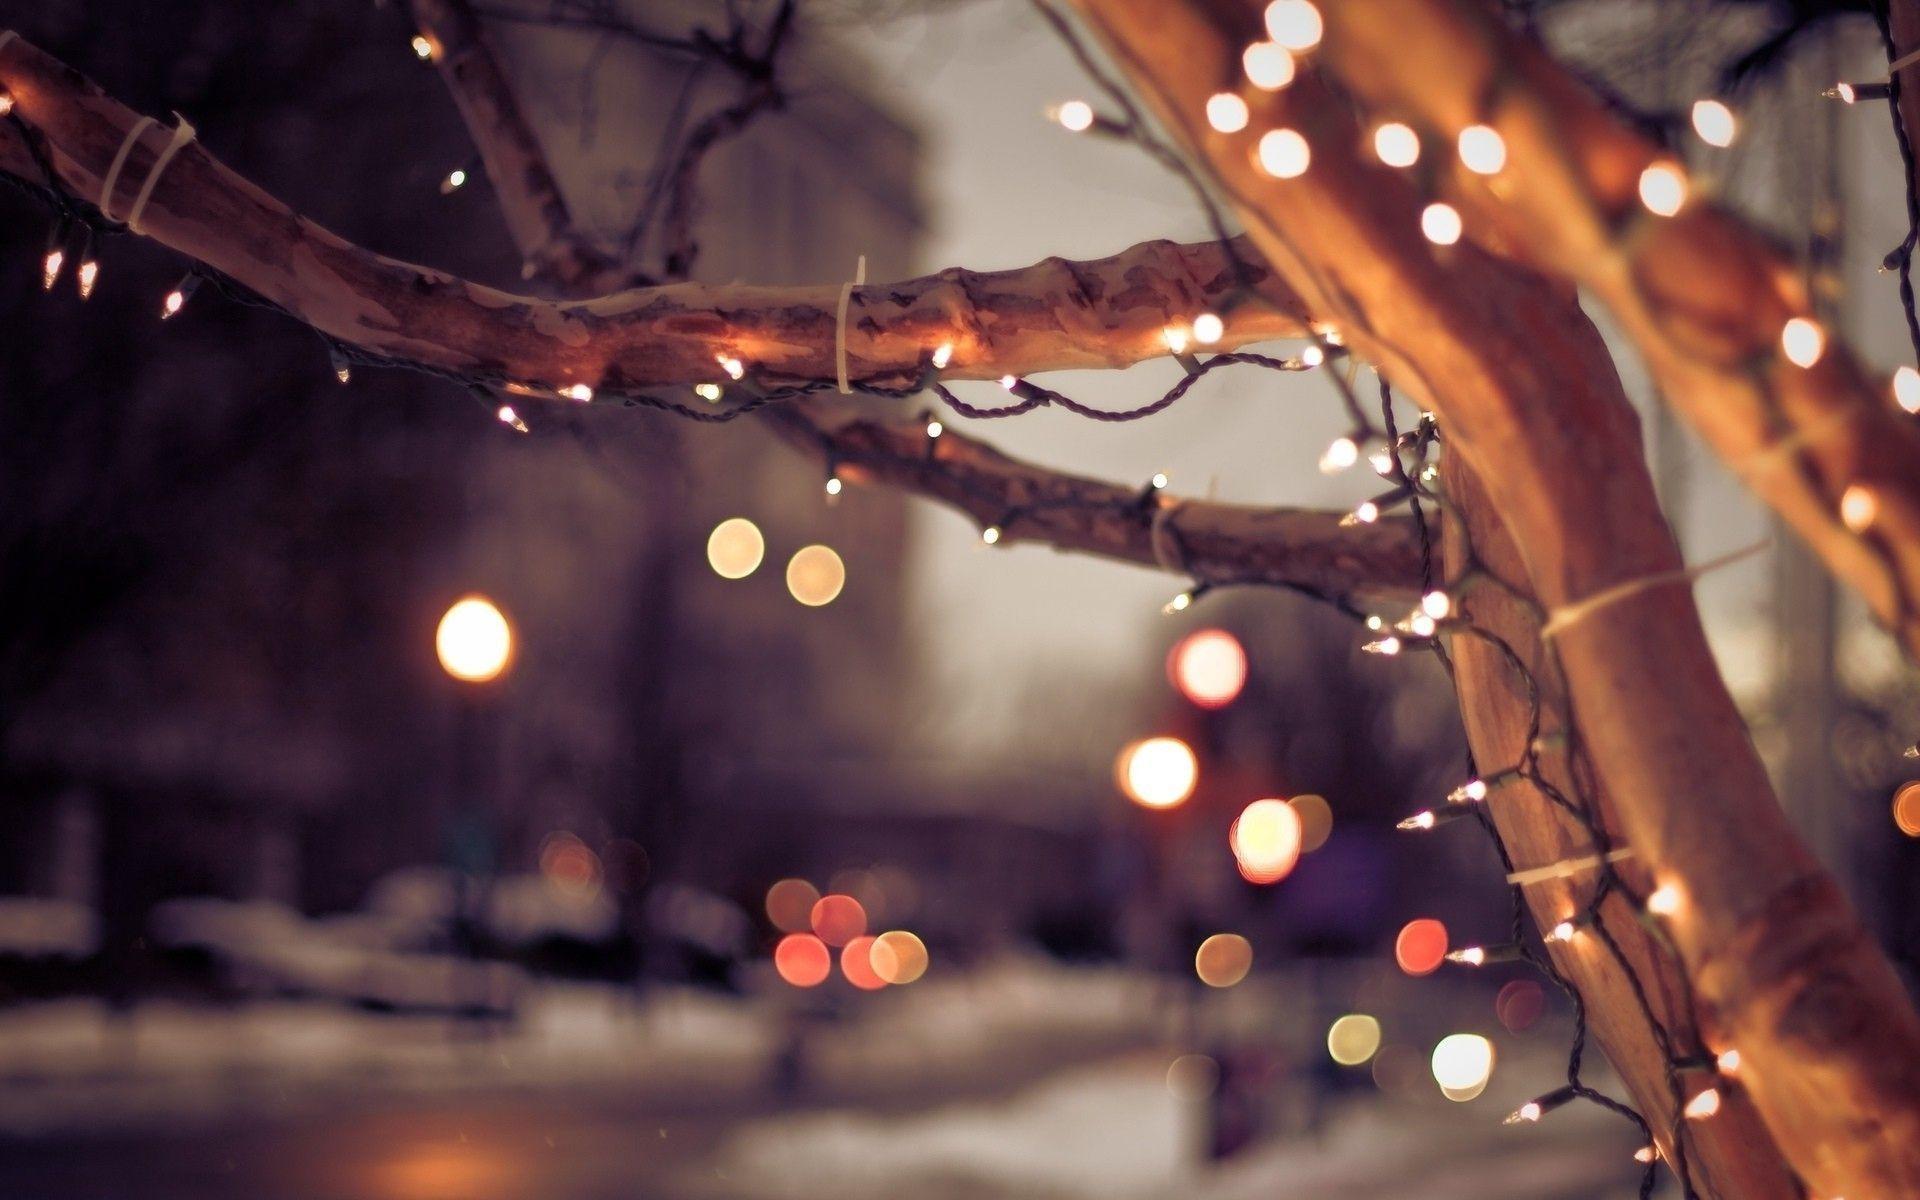 10 Best Christmas Lights Desktop Wallpaper Full Hd 1080p For Pc Desktop 567031409 Christmas Wallpapers Tumblr Christmas Lights Wallpaper Christmas Wallpaper Hd